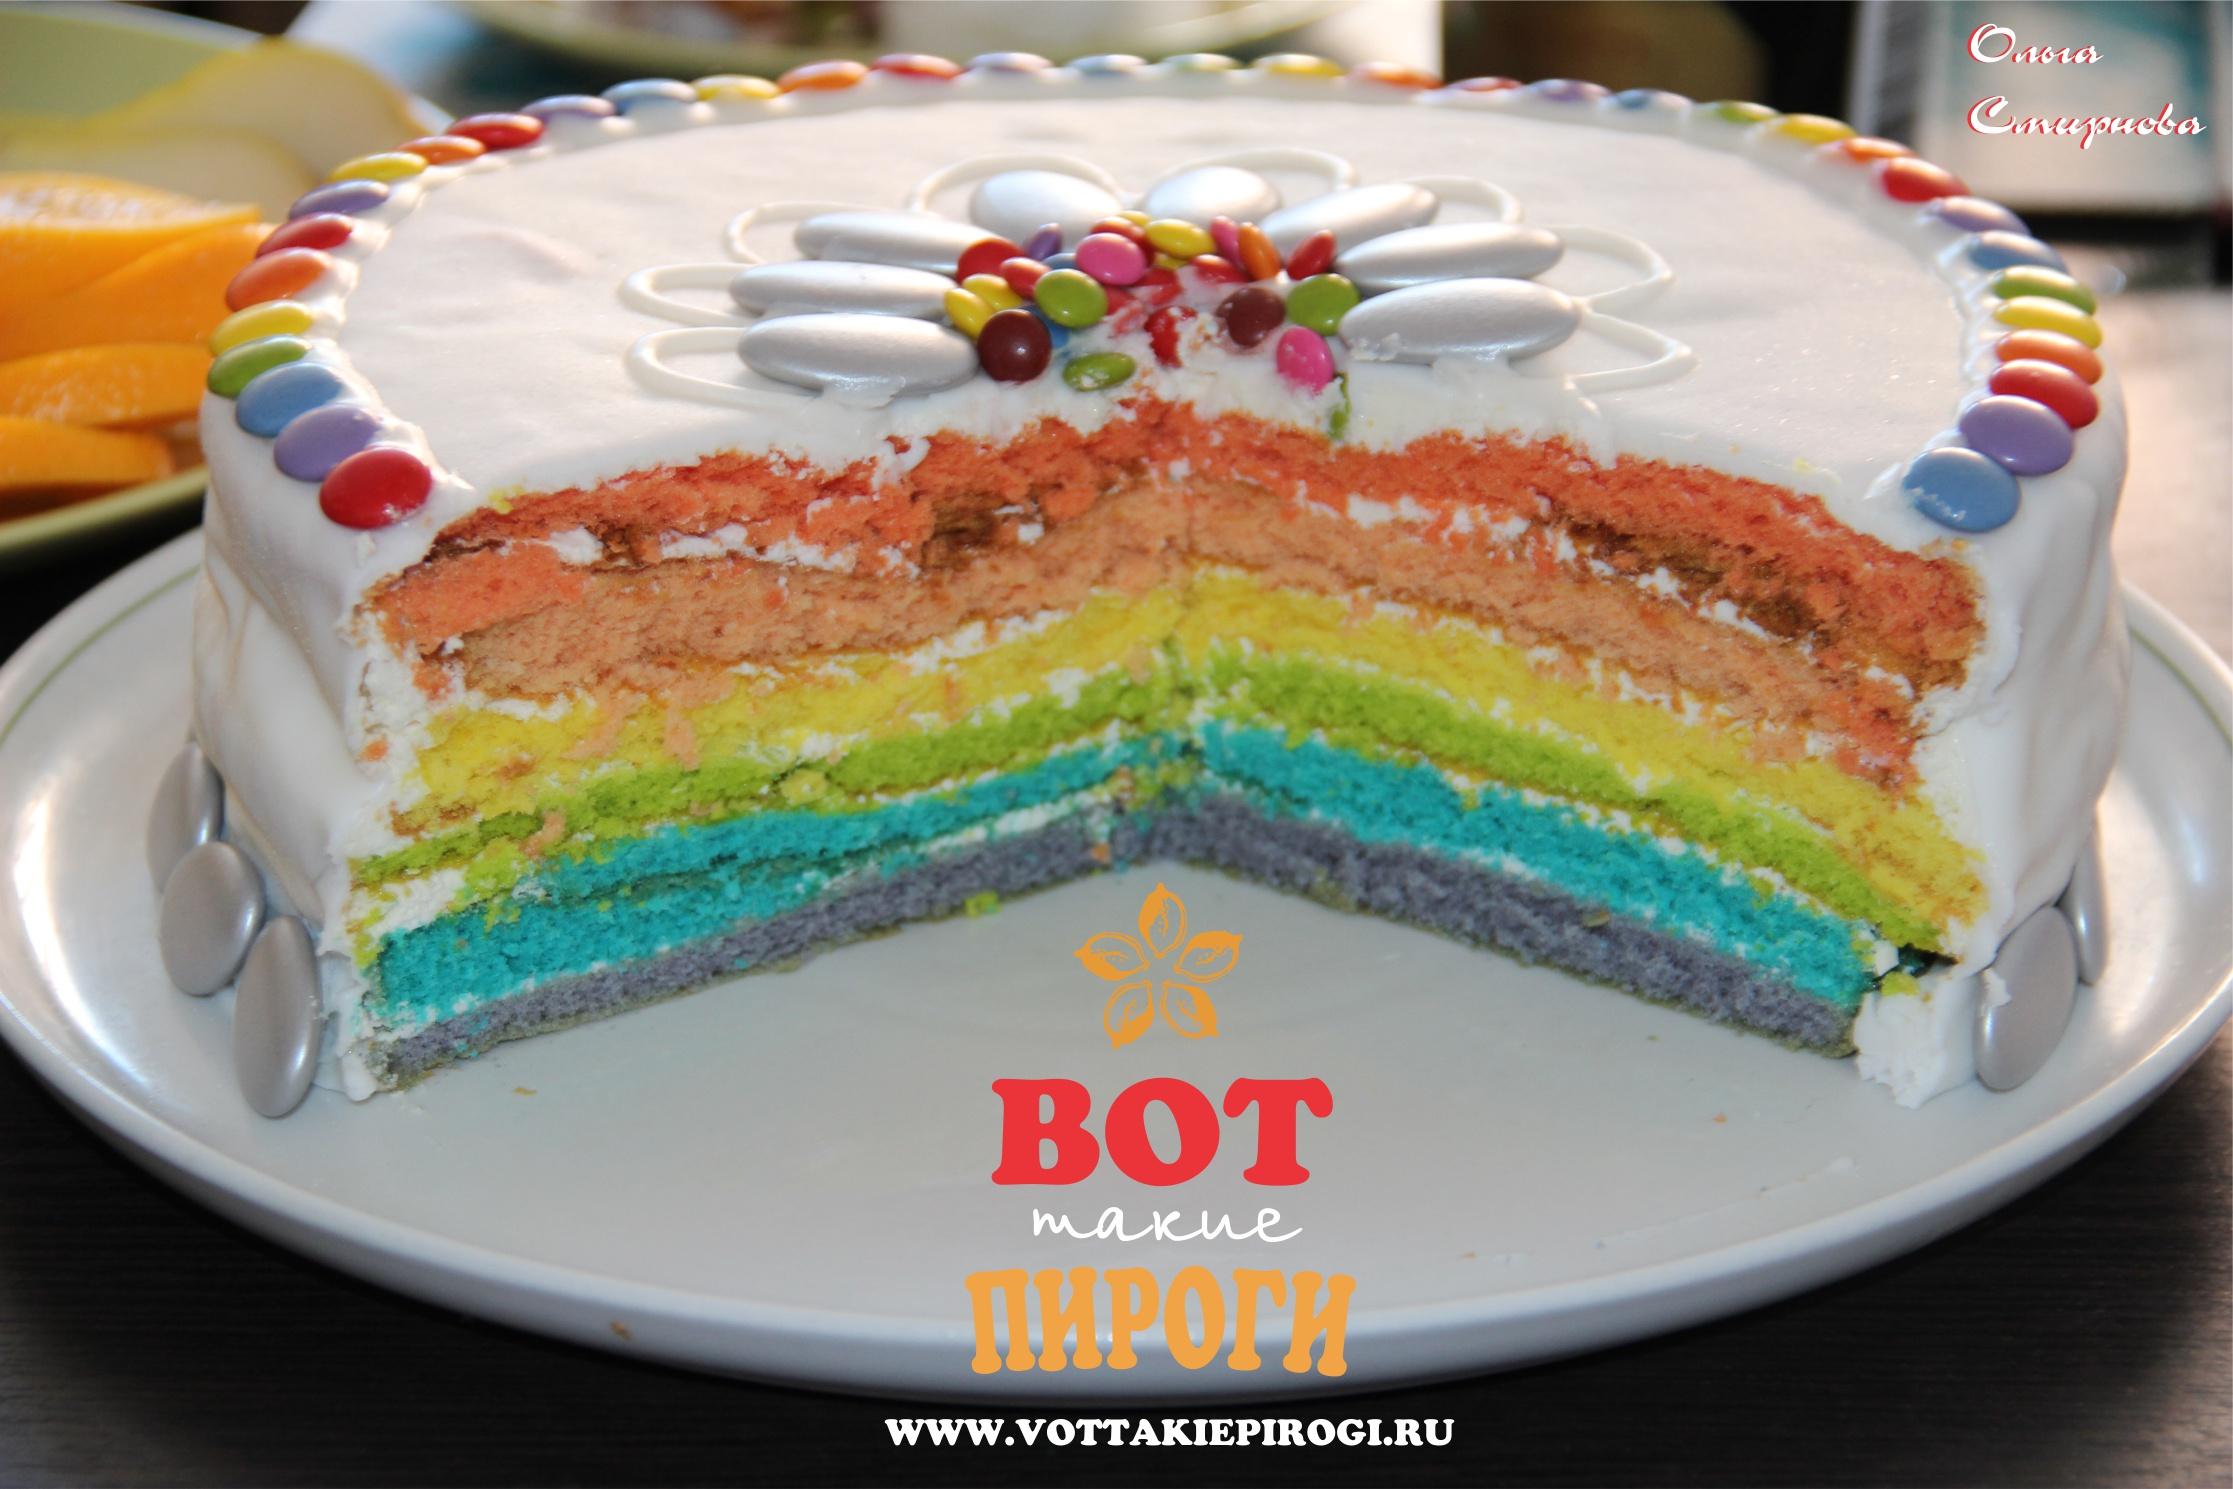 Торт Интрига с вертикальными коржами - рецепт с фото 85